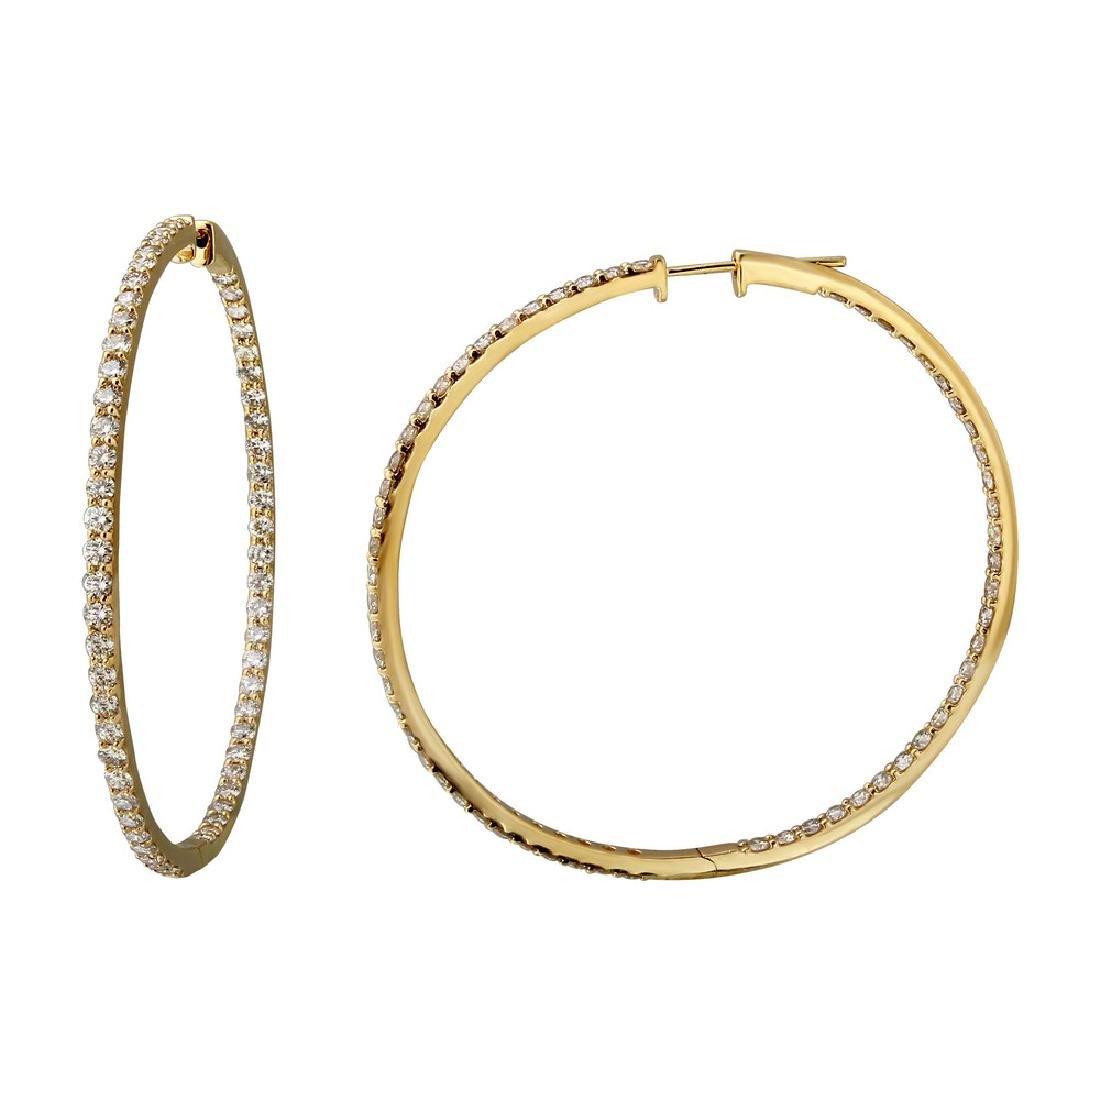 5.26 CTW Diamond Earrings 14K Yellow Gold - REF-339R2K